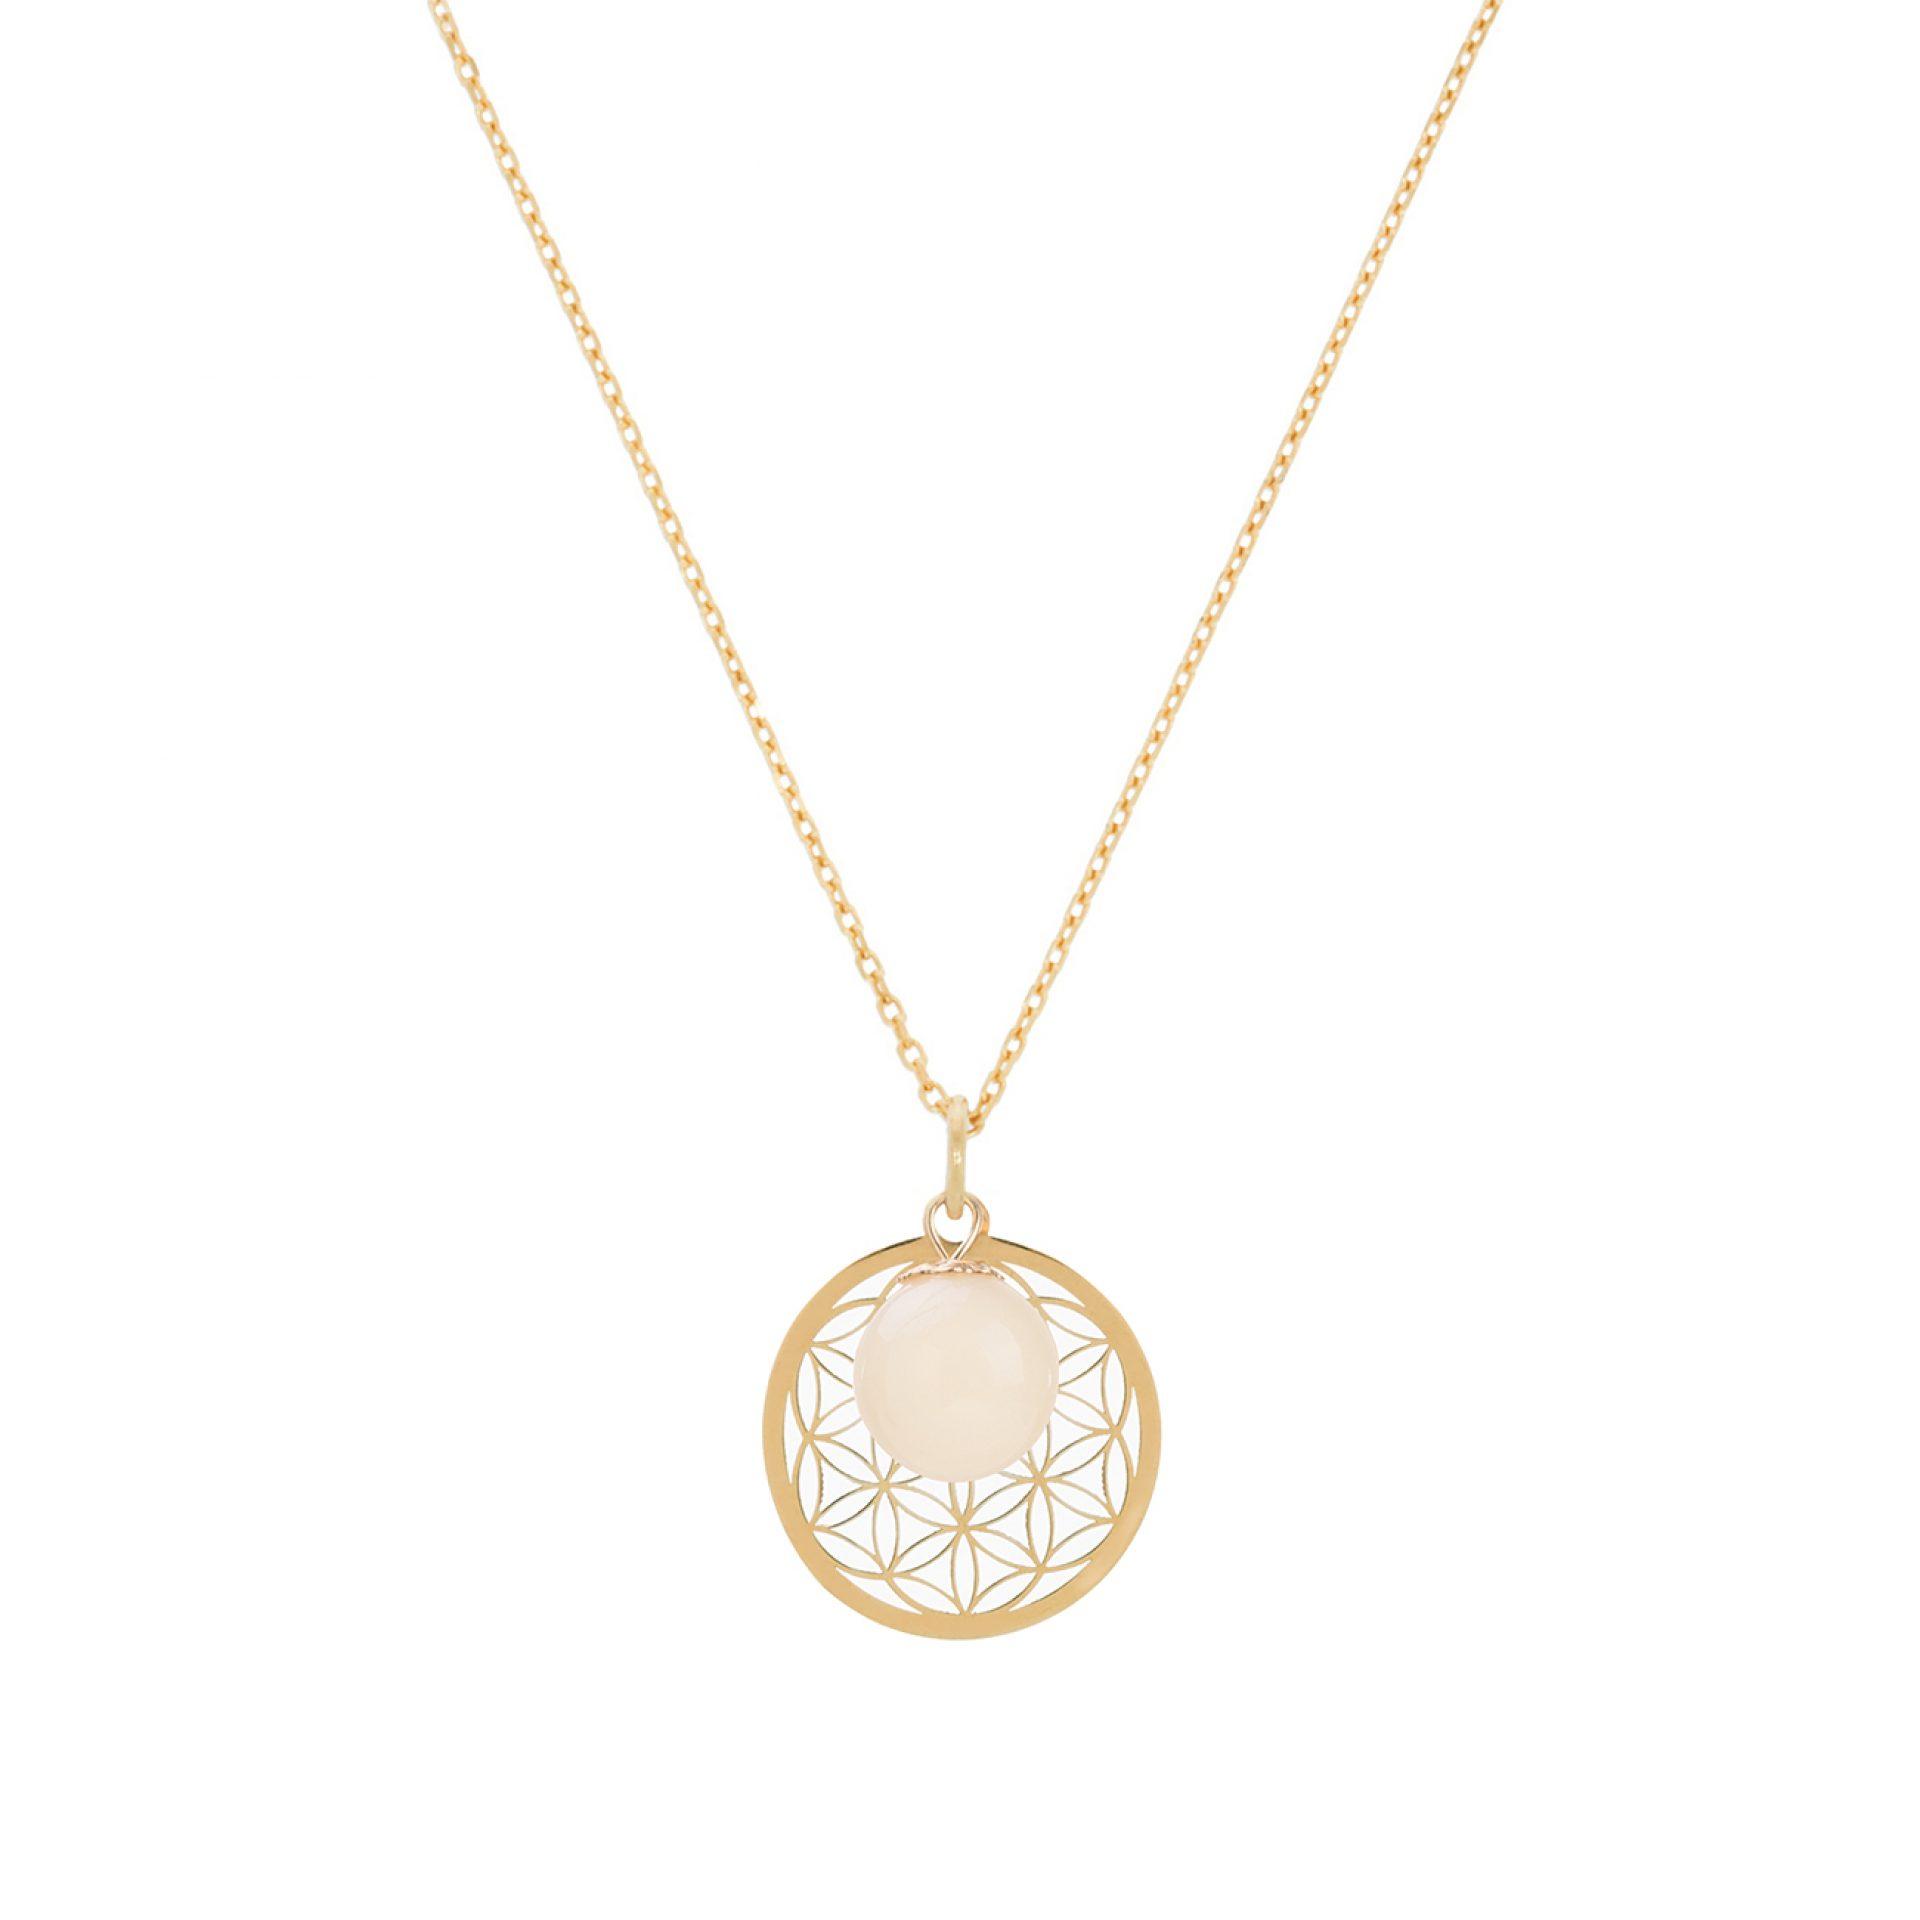 Muttermilchkette mit Lebensblume Muttermilch Halskette